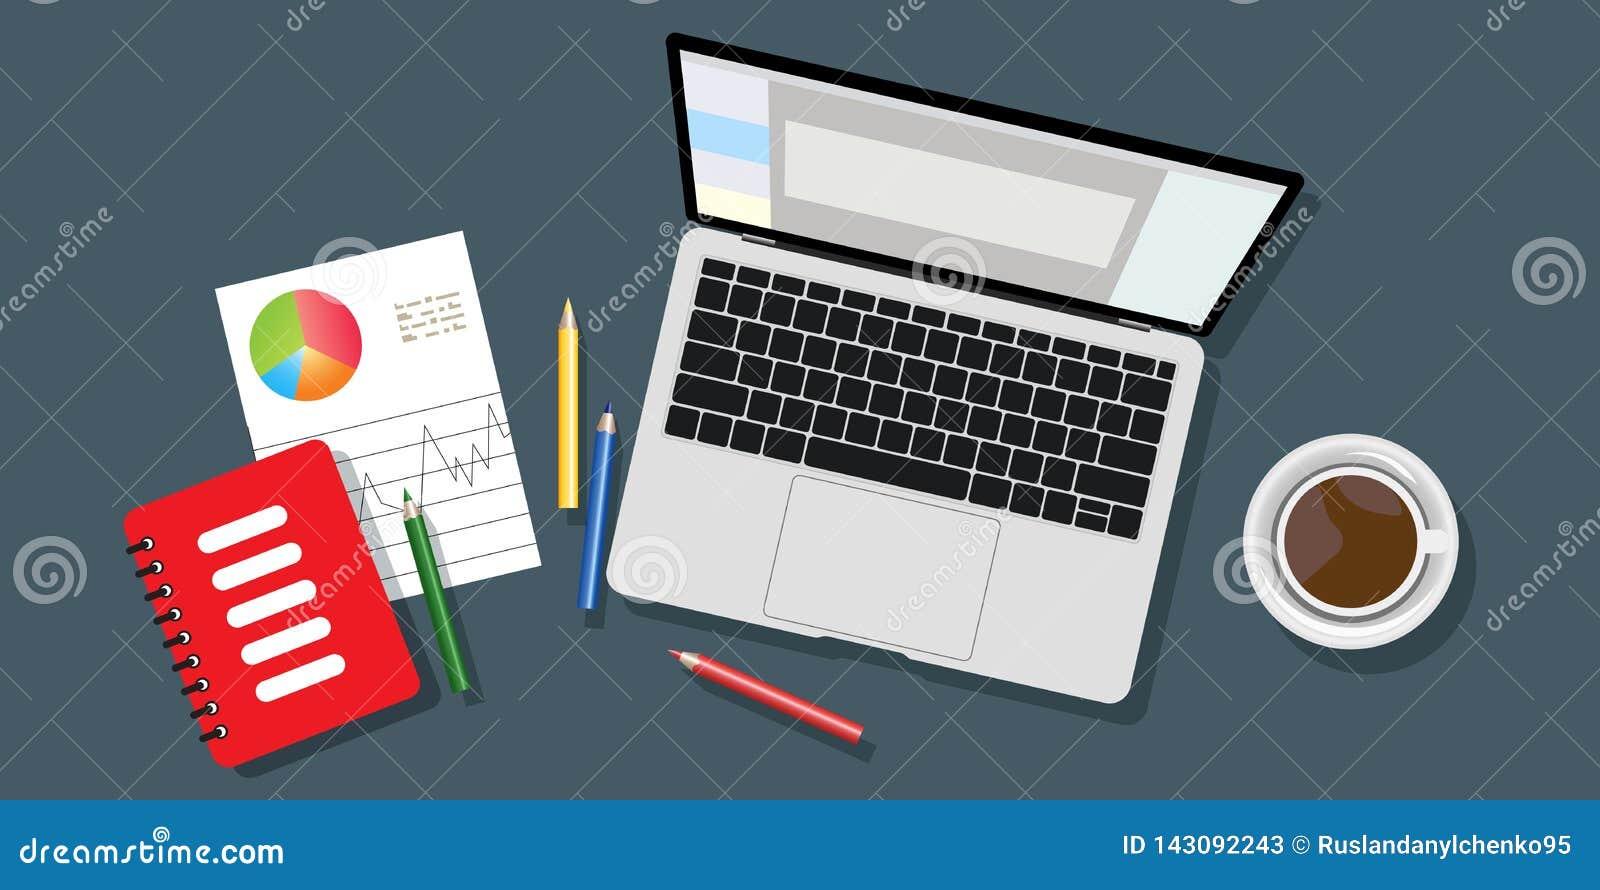 工作场所背景的顶视图,显示器,键盘,笔记本,耳机,电话,文件,文件夹,调度程序,铅笔,